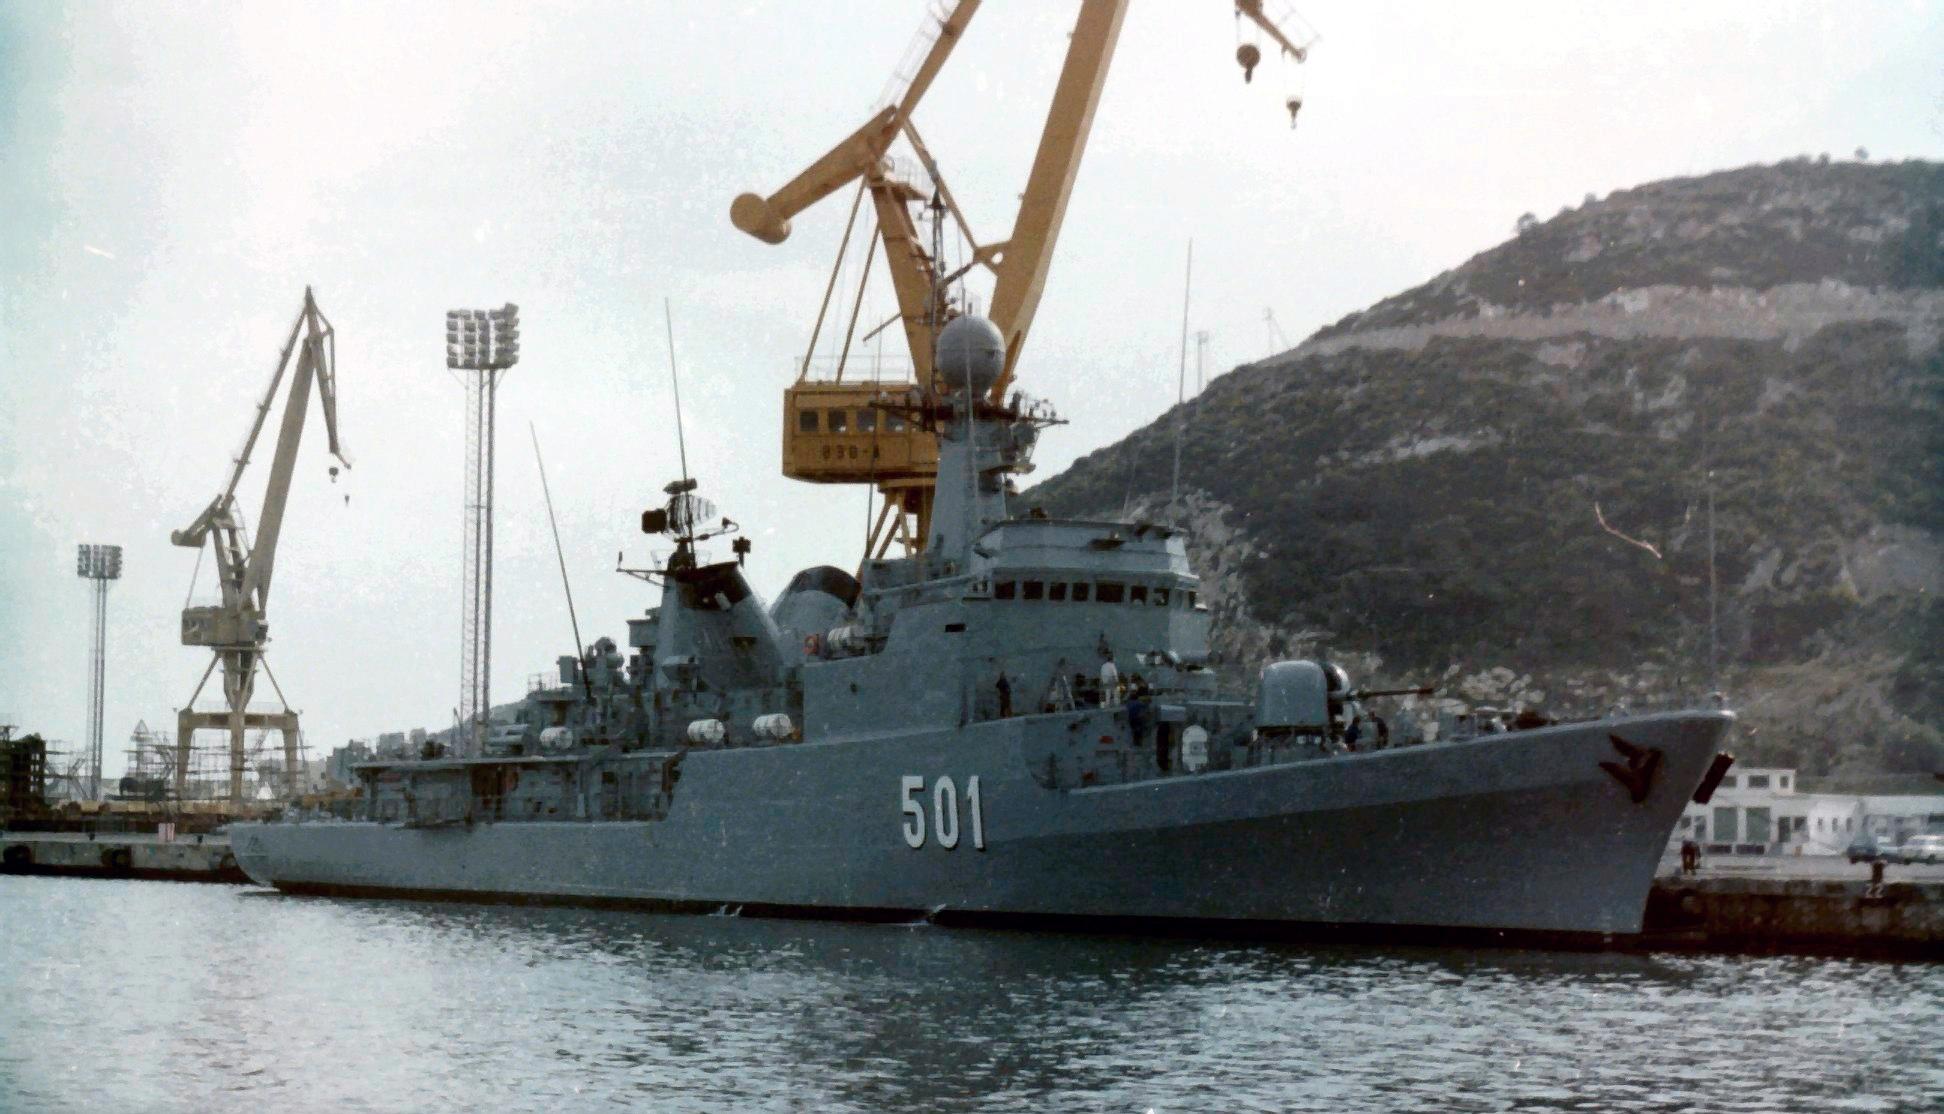 Royal Moroccan Navy Descubierta Frigate / Corvette Lt Cl Errahmani - Bâtiment École - Page 4 Clipb517